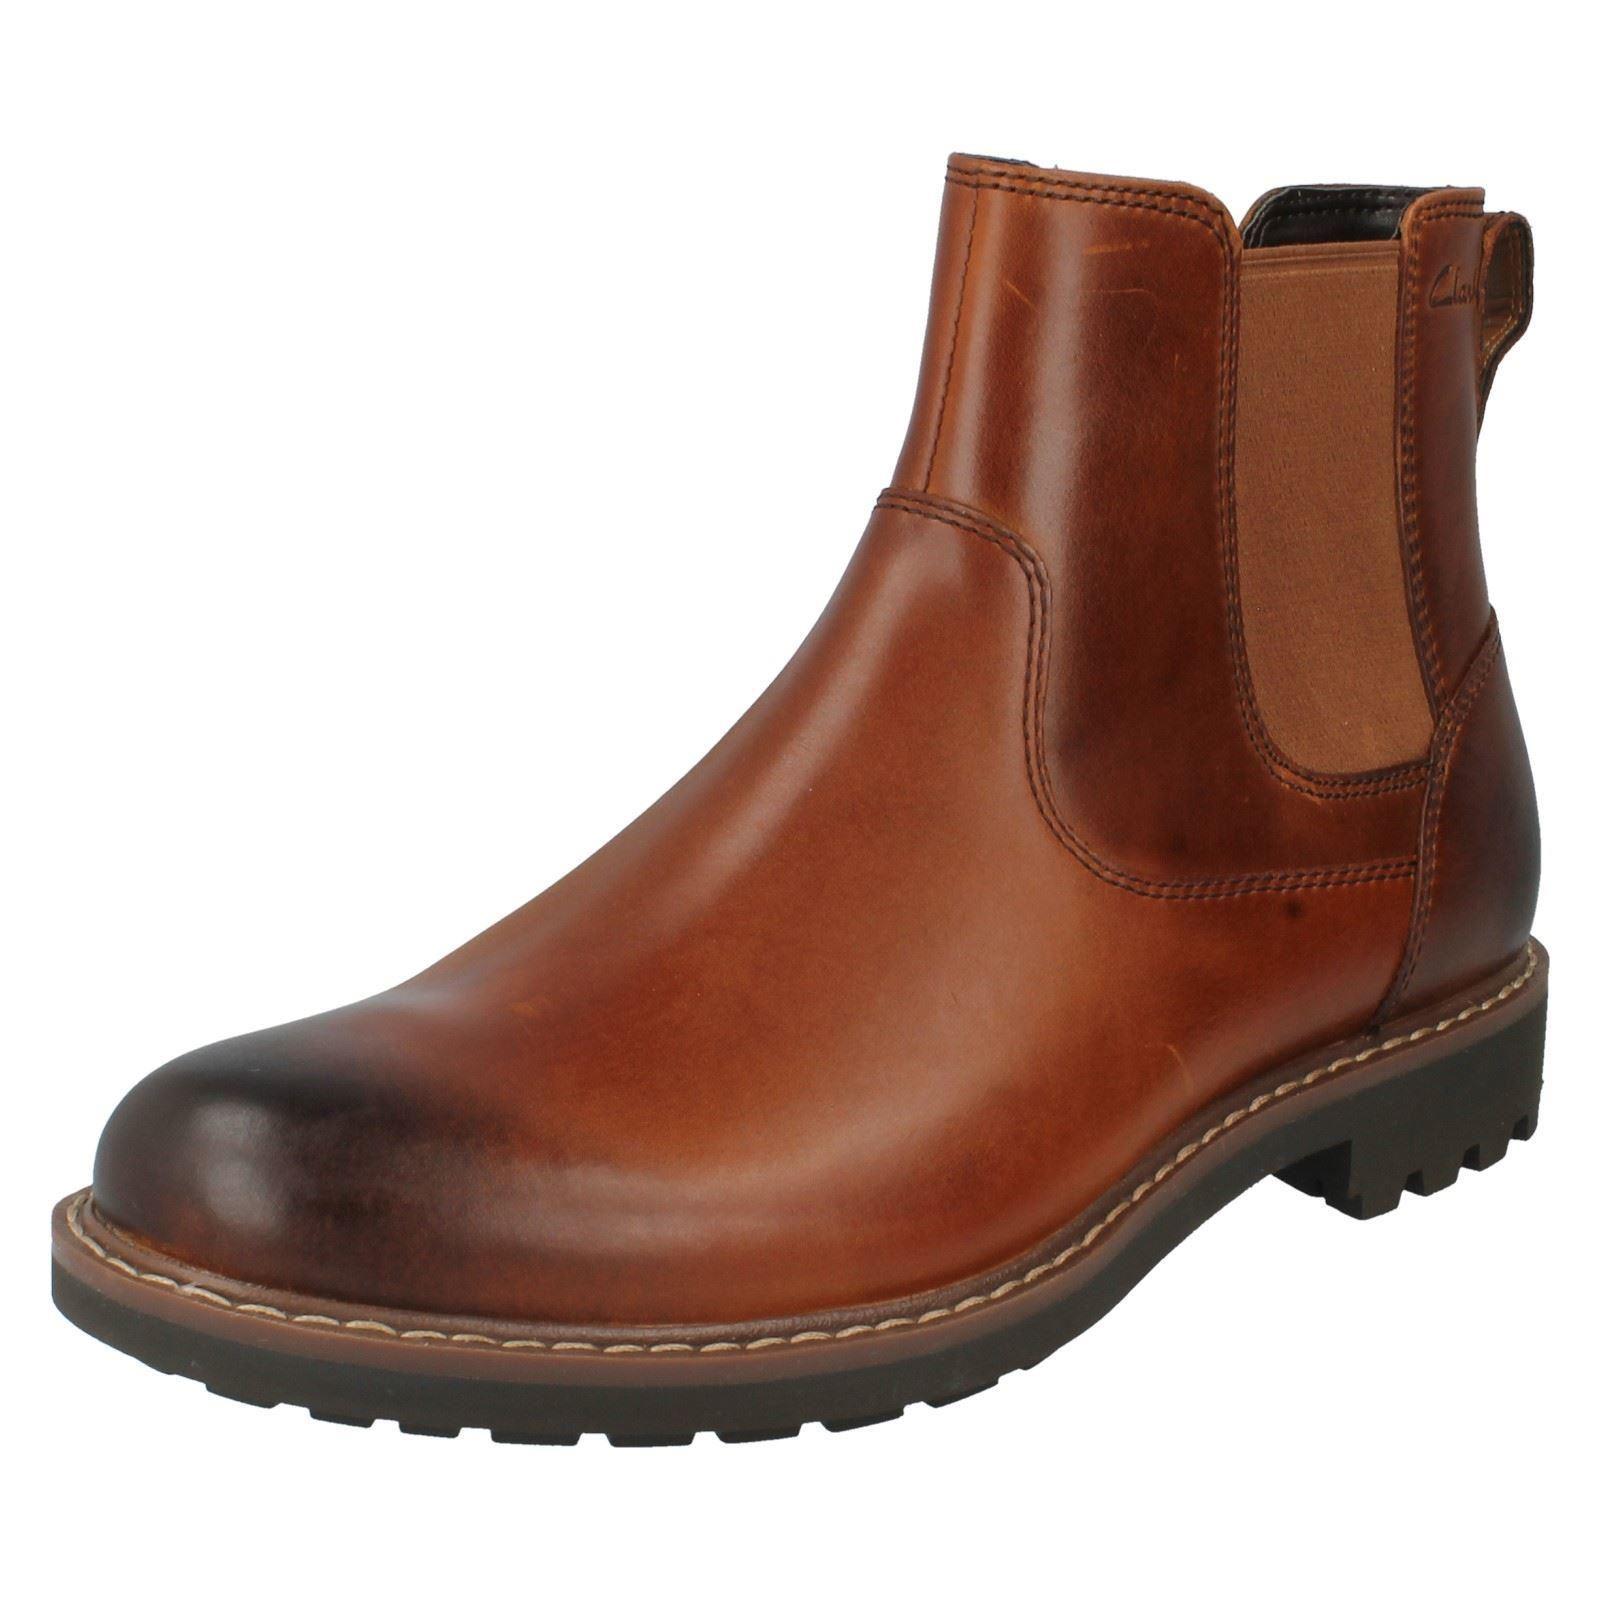 Smart Shoes For Men Size Top Shop